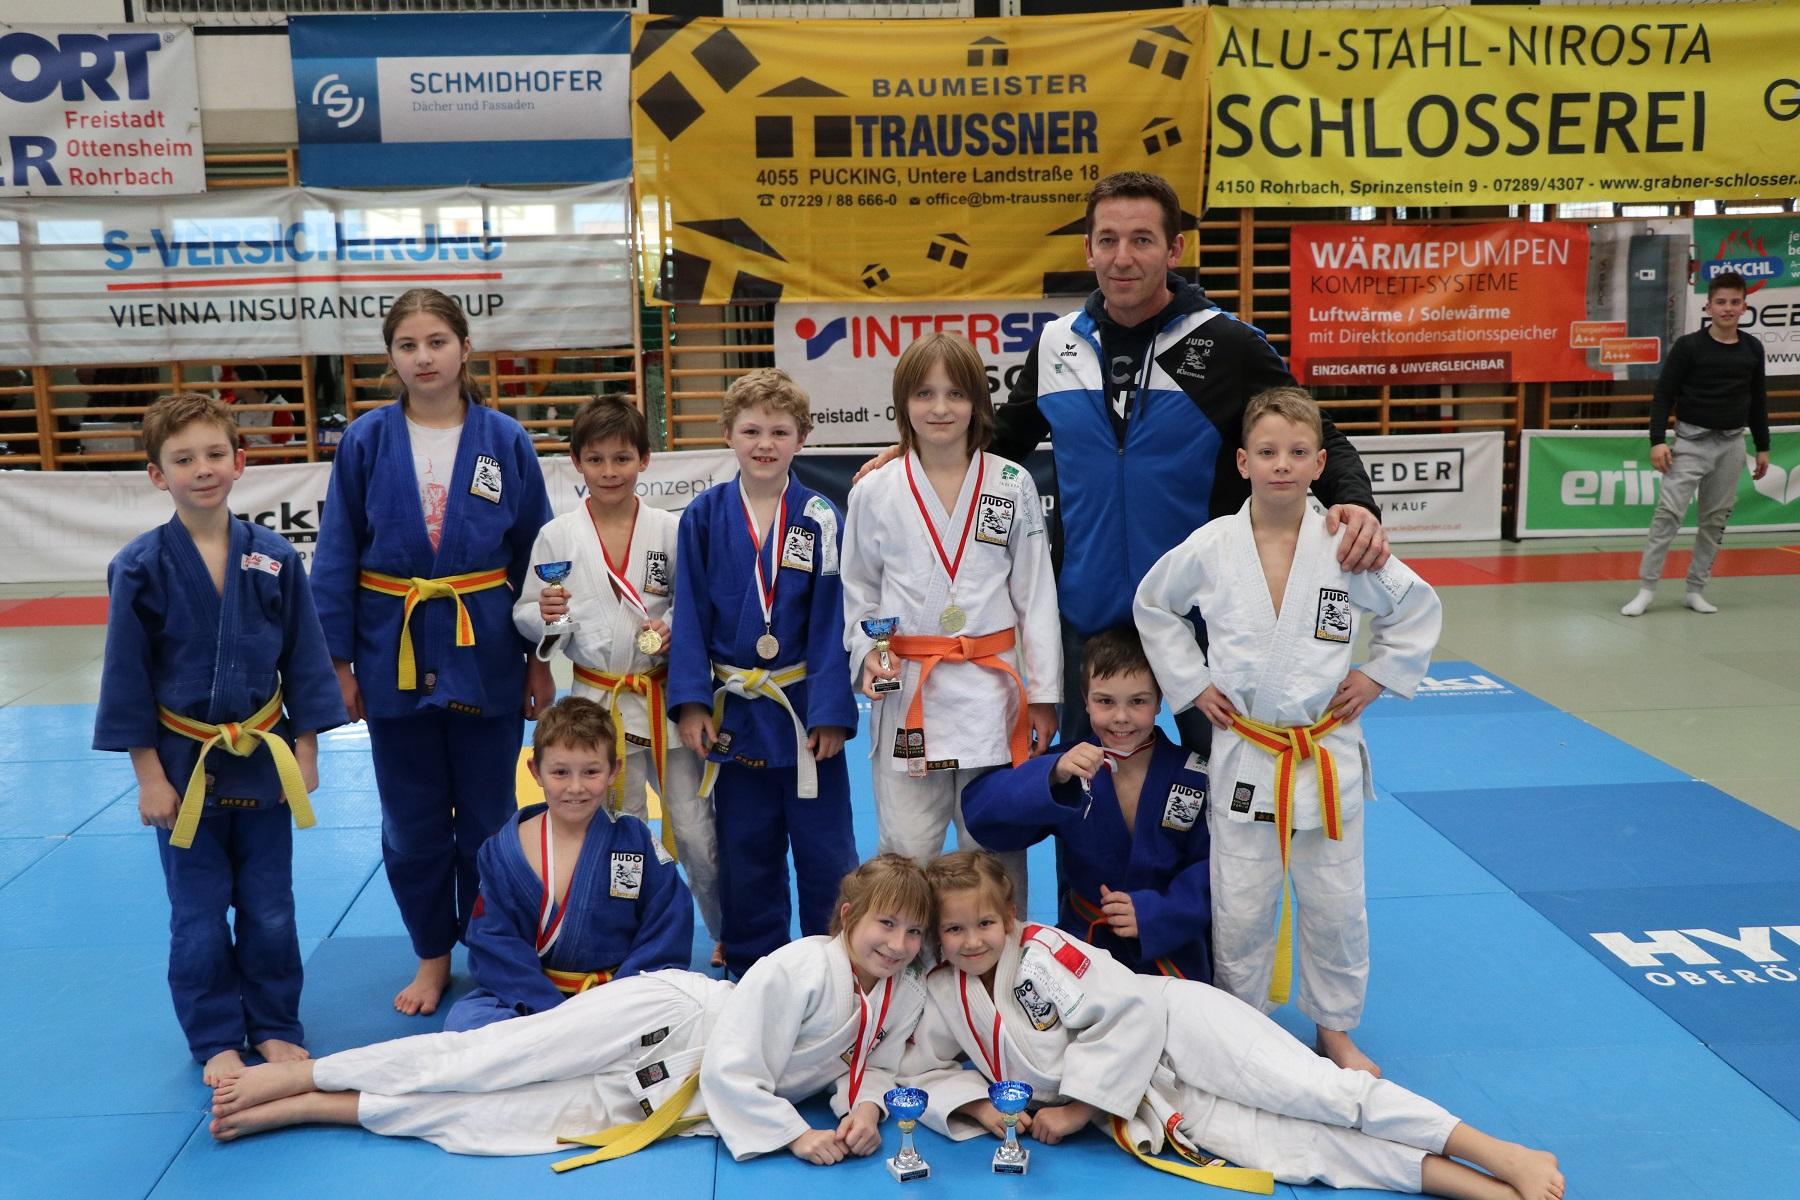 Hervorragendes Ergebnis beim Int. Judoturnier U10-U12 in Rohrbach